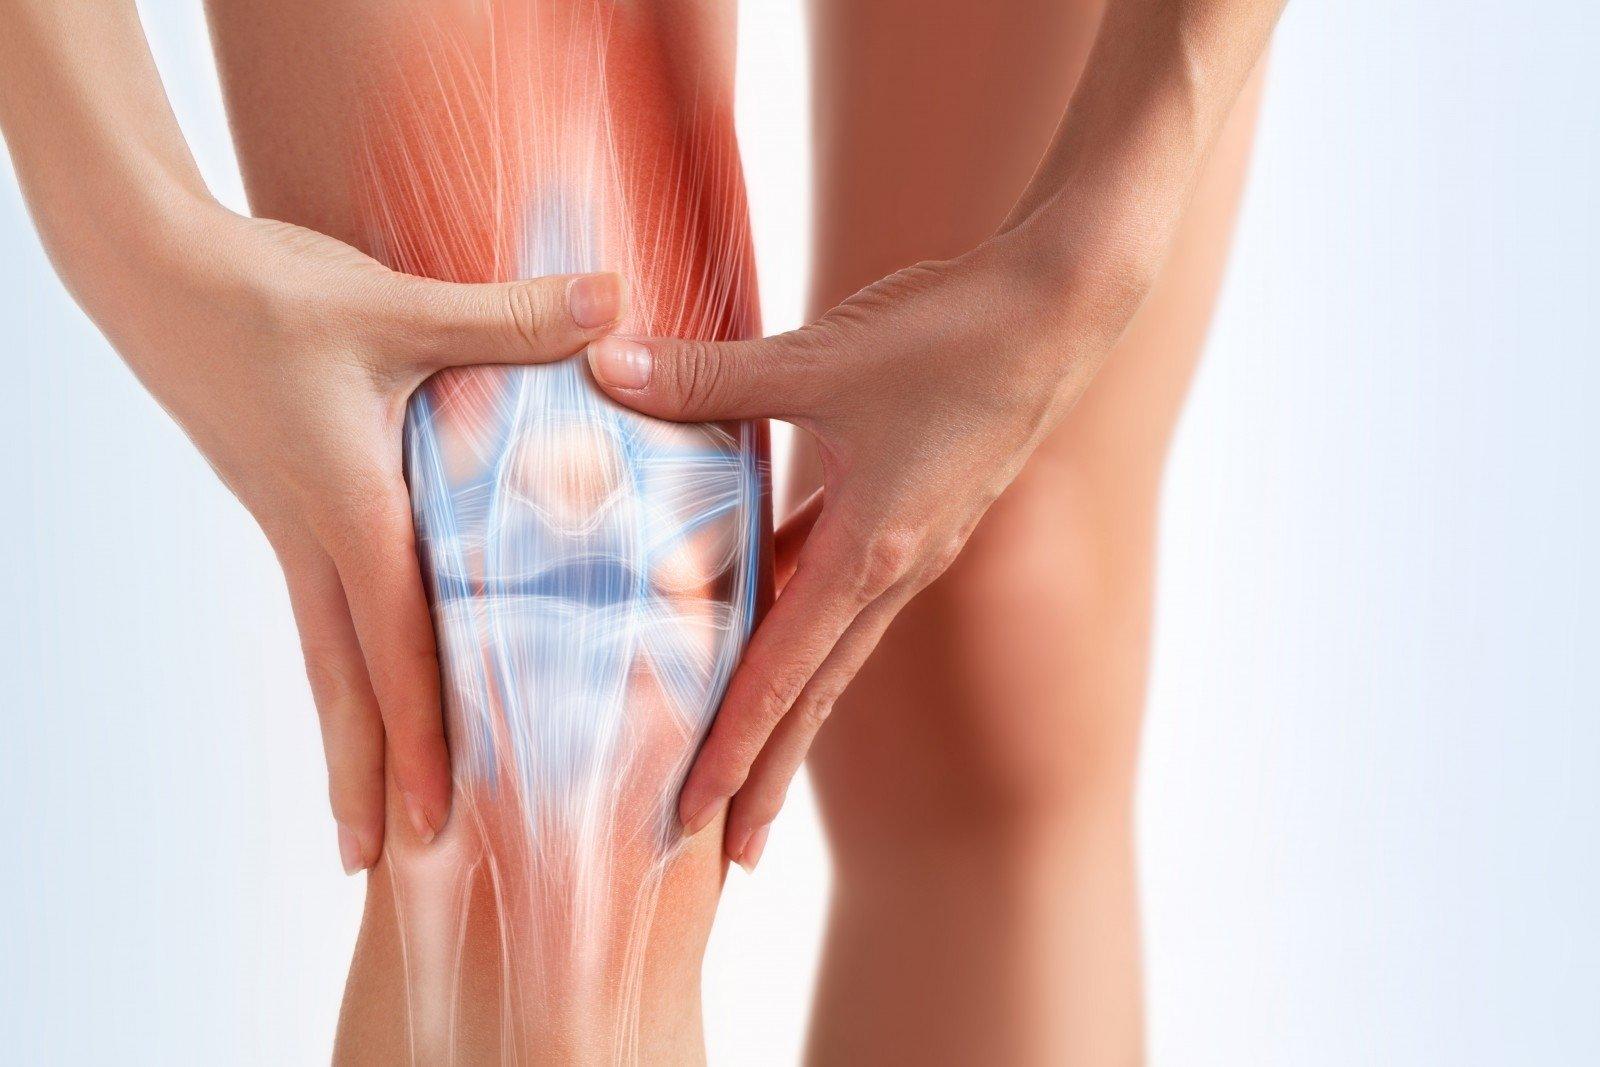 skauda skrandžio sąnarių ligonius gydymas nuo skausmo alkūnės sąnario